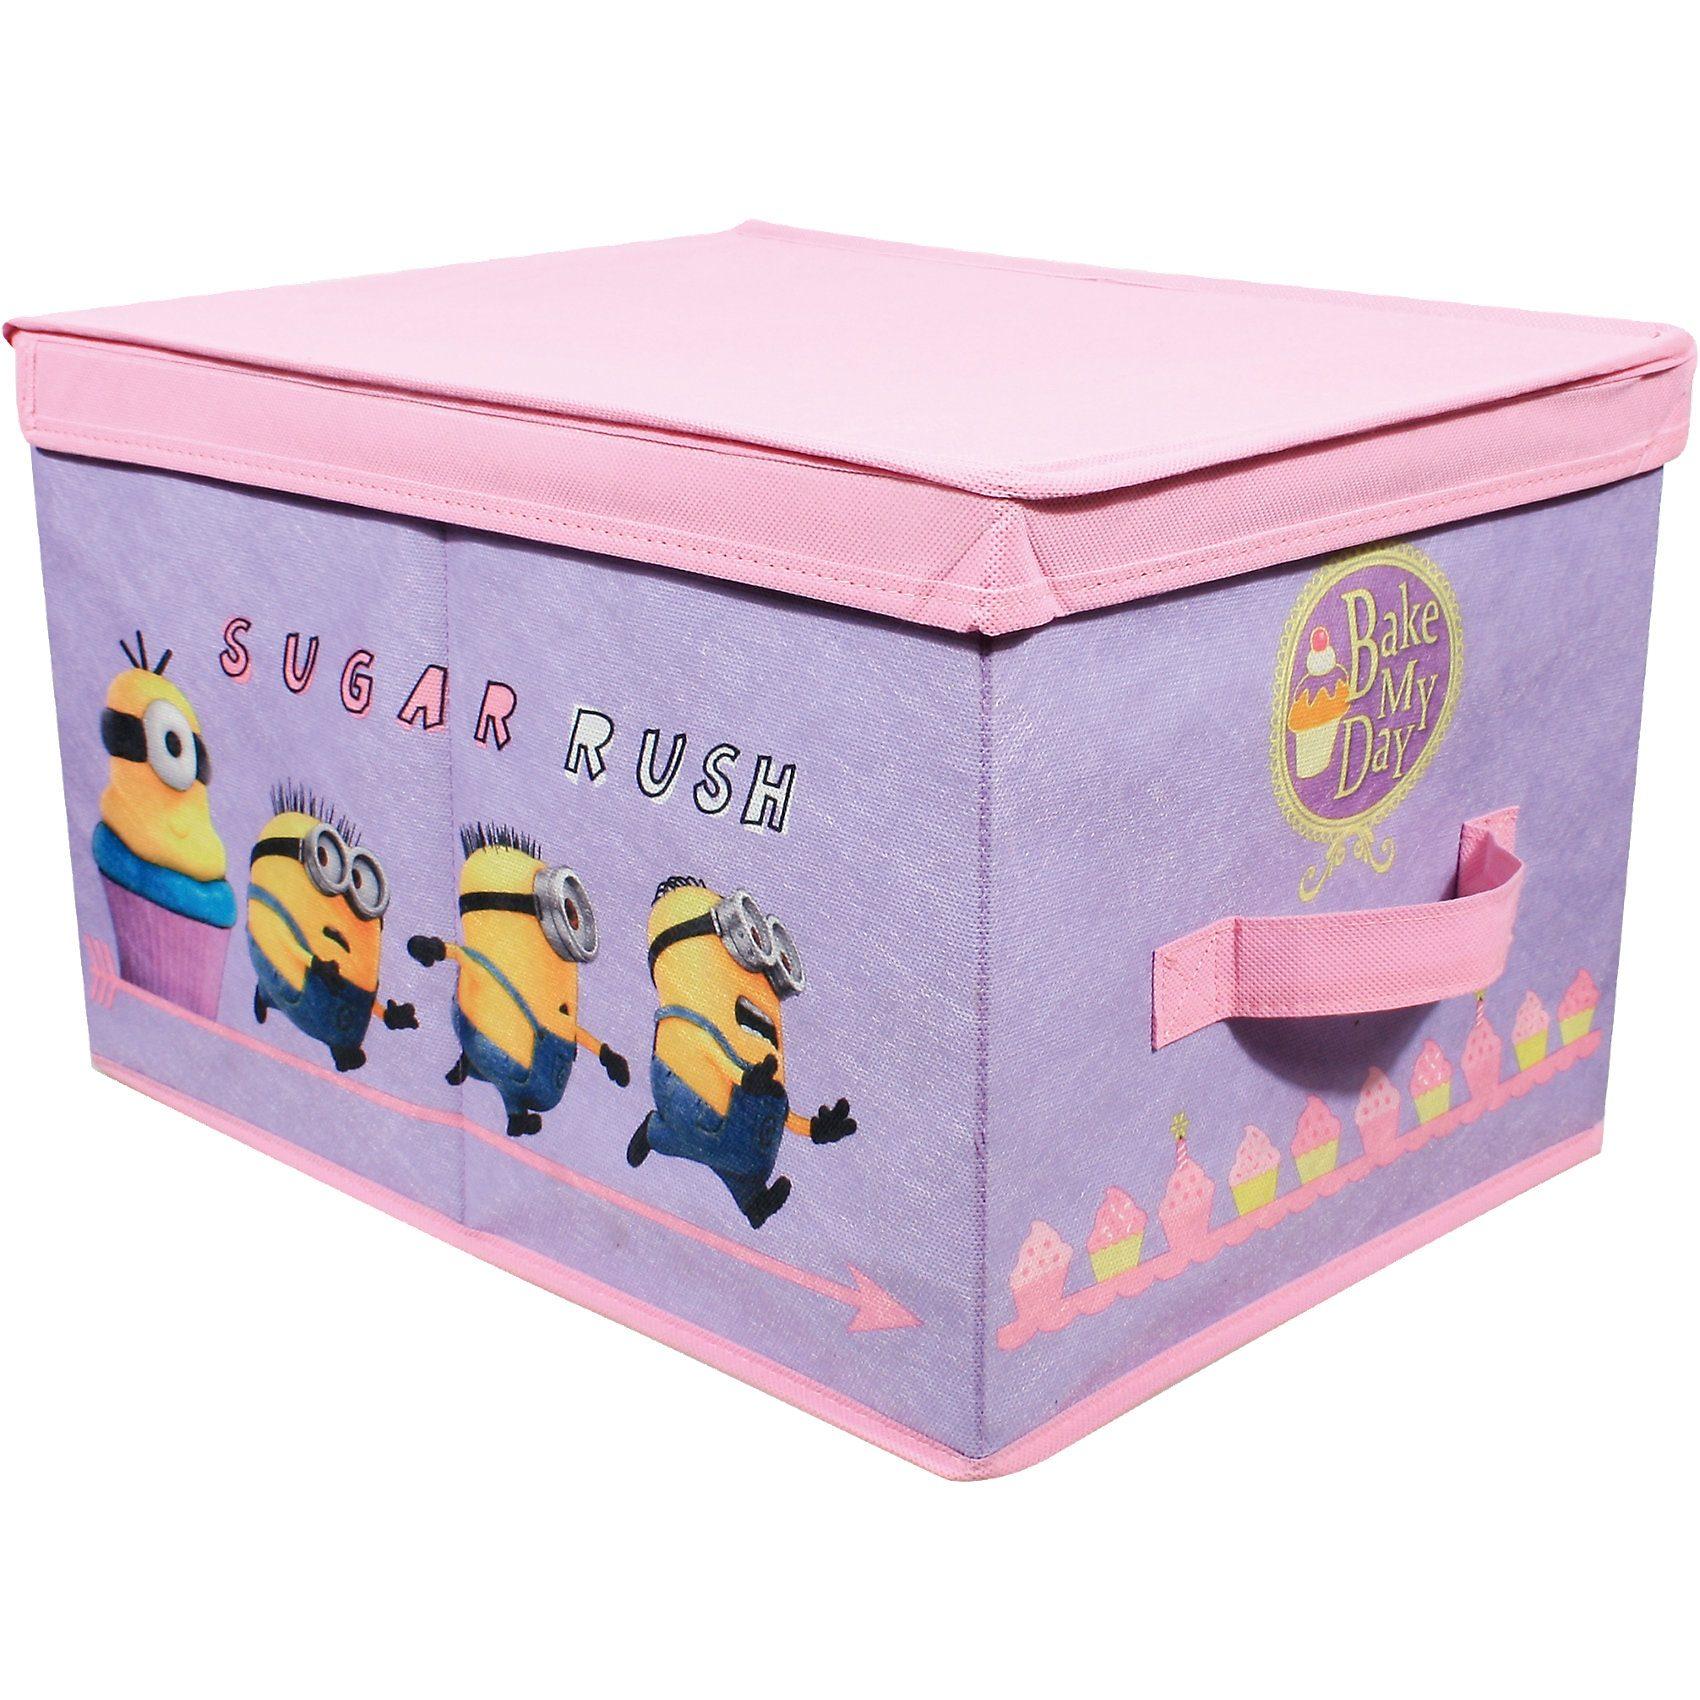 P:OS Aufbewahrungsbox Minions, Sugar Rush